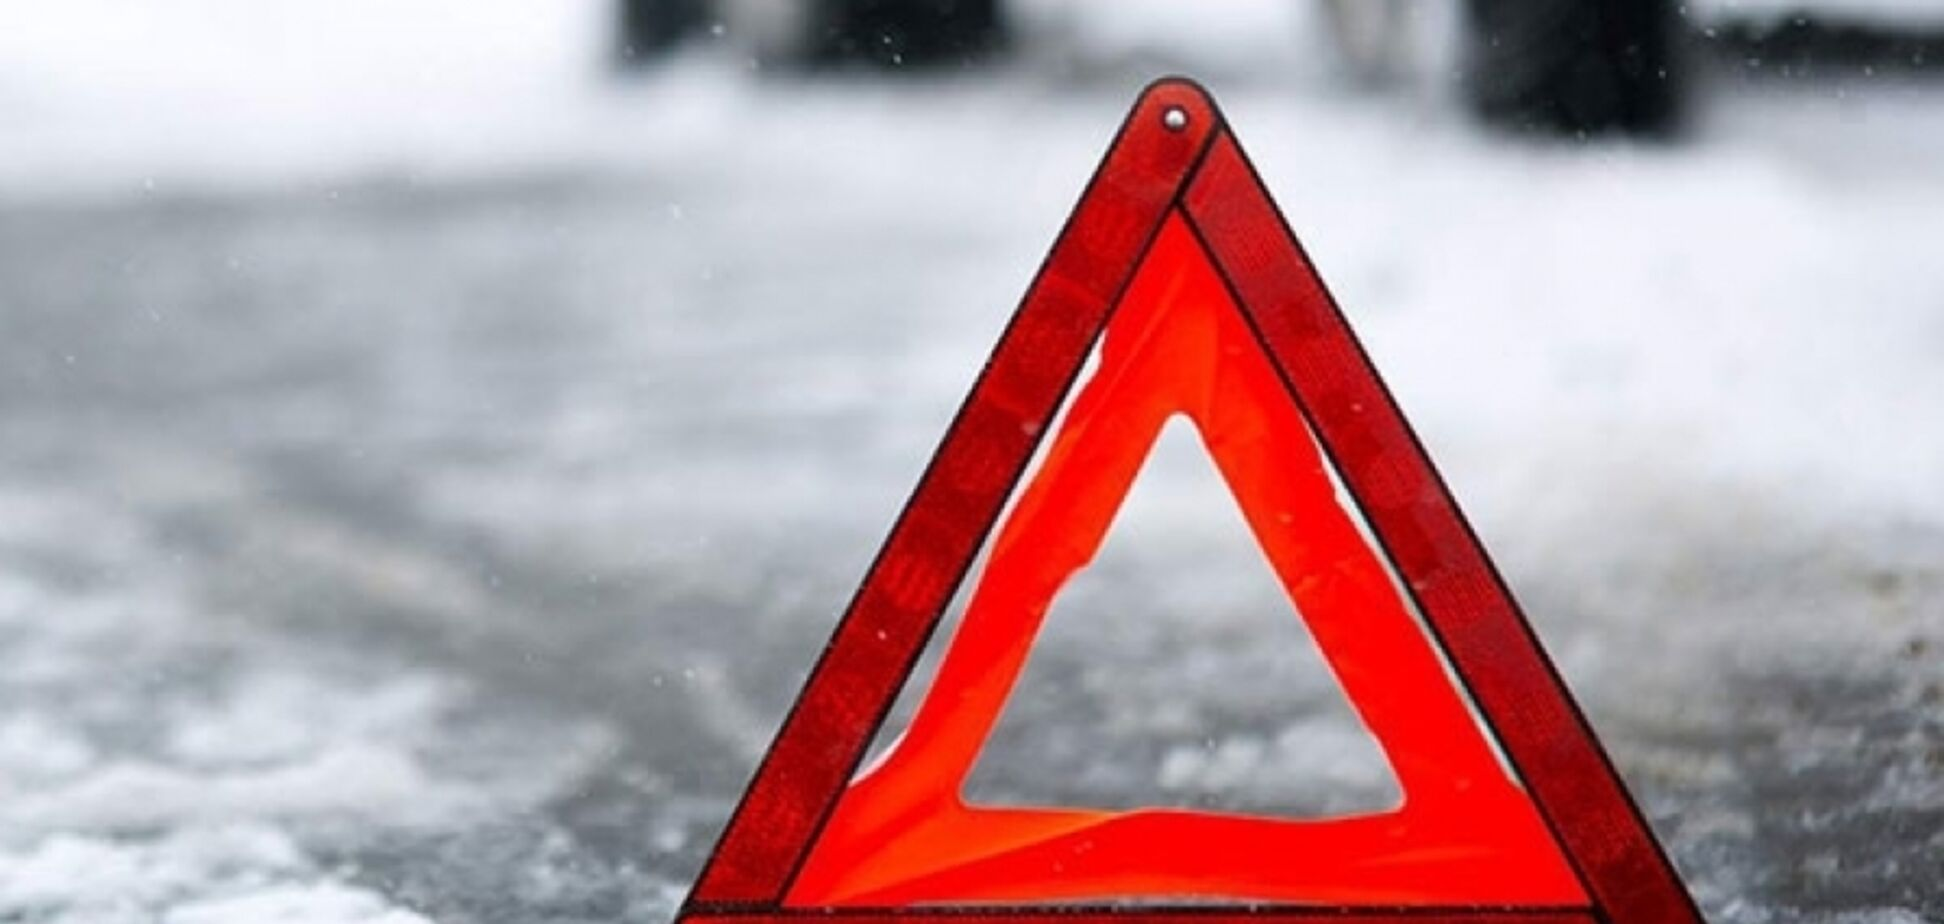 Как возместить ущерб от ДТП: украинским водителям дали совет